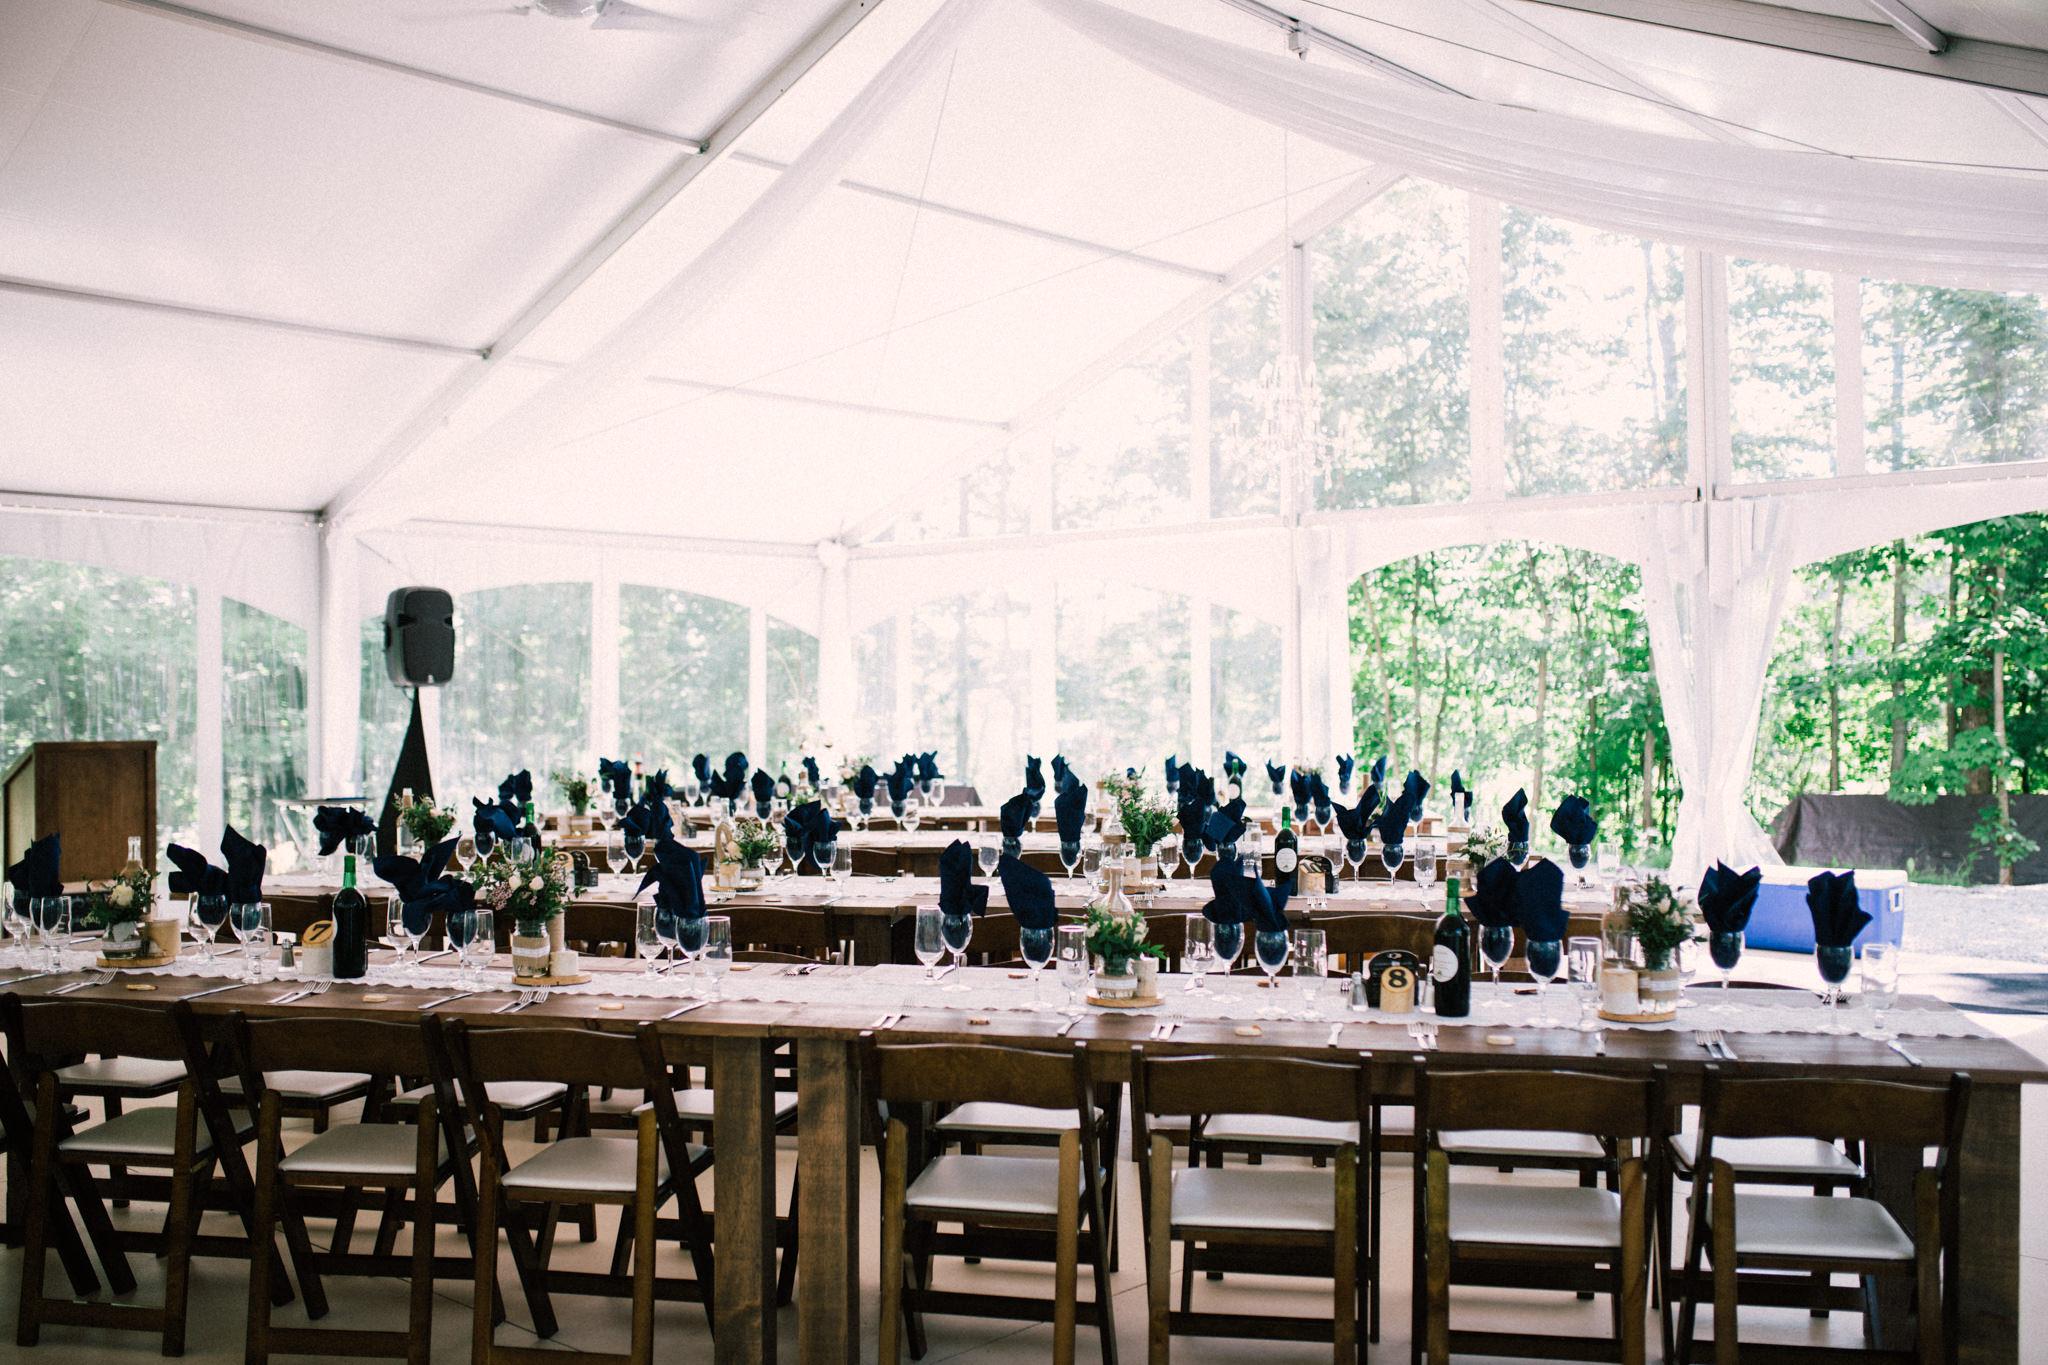 Orillia summer wedding at Northbrook Farms by Max Wong Photo (19)